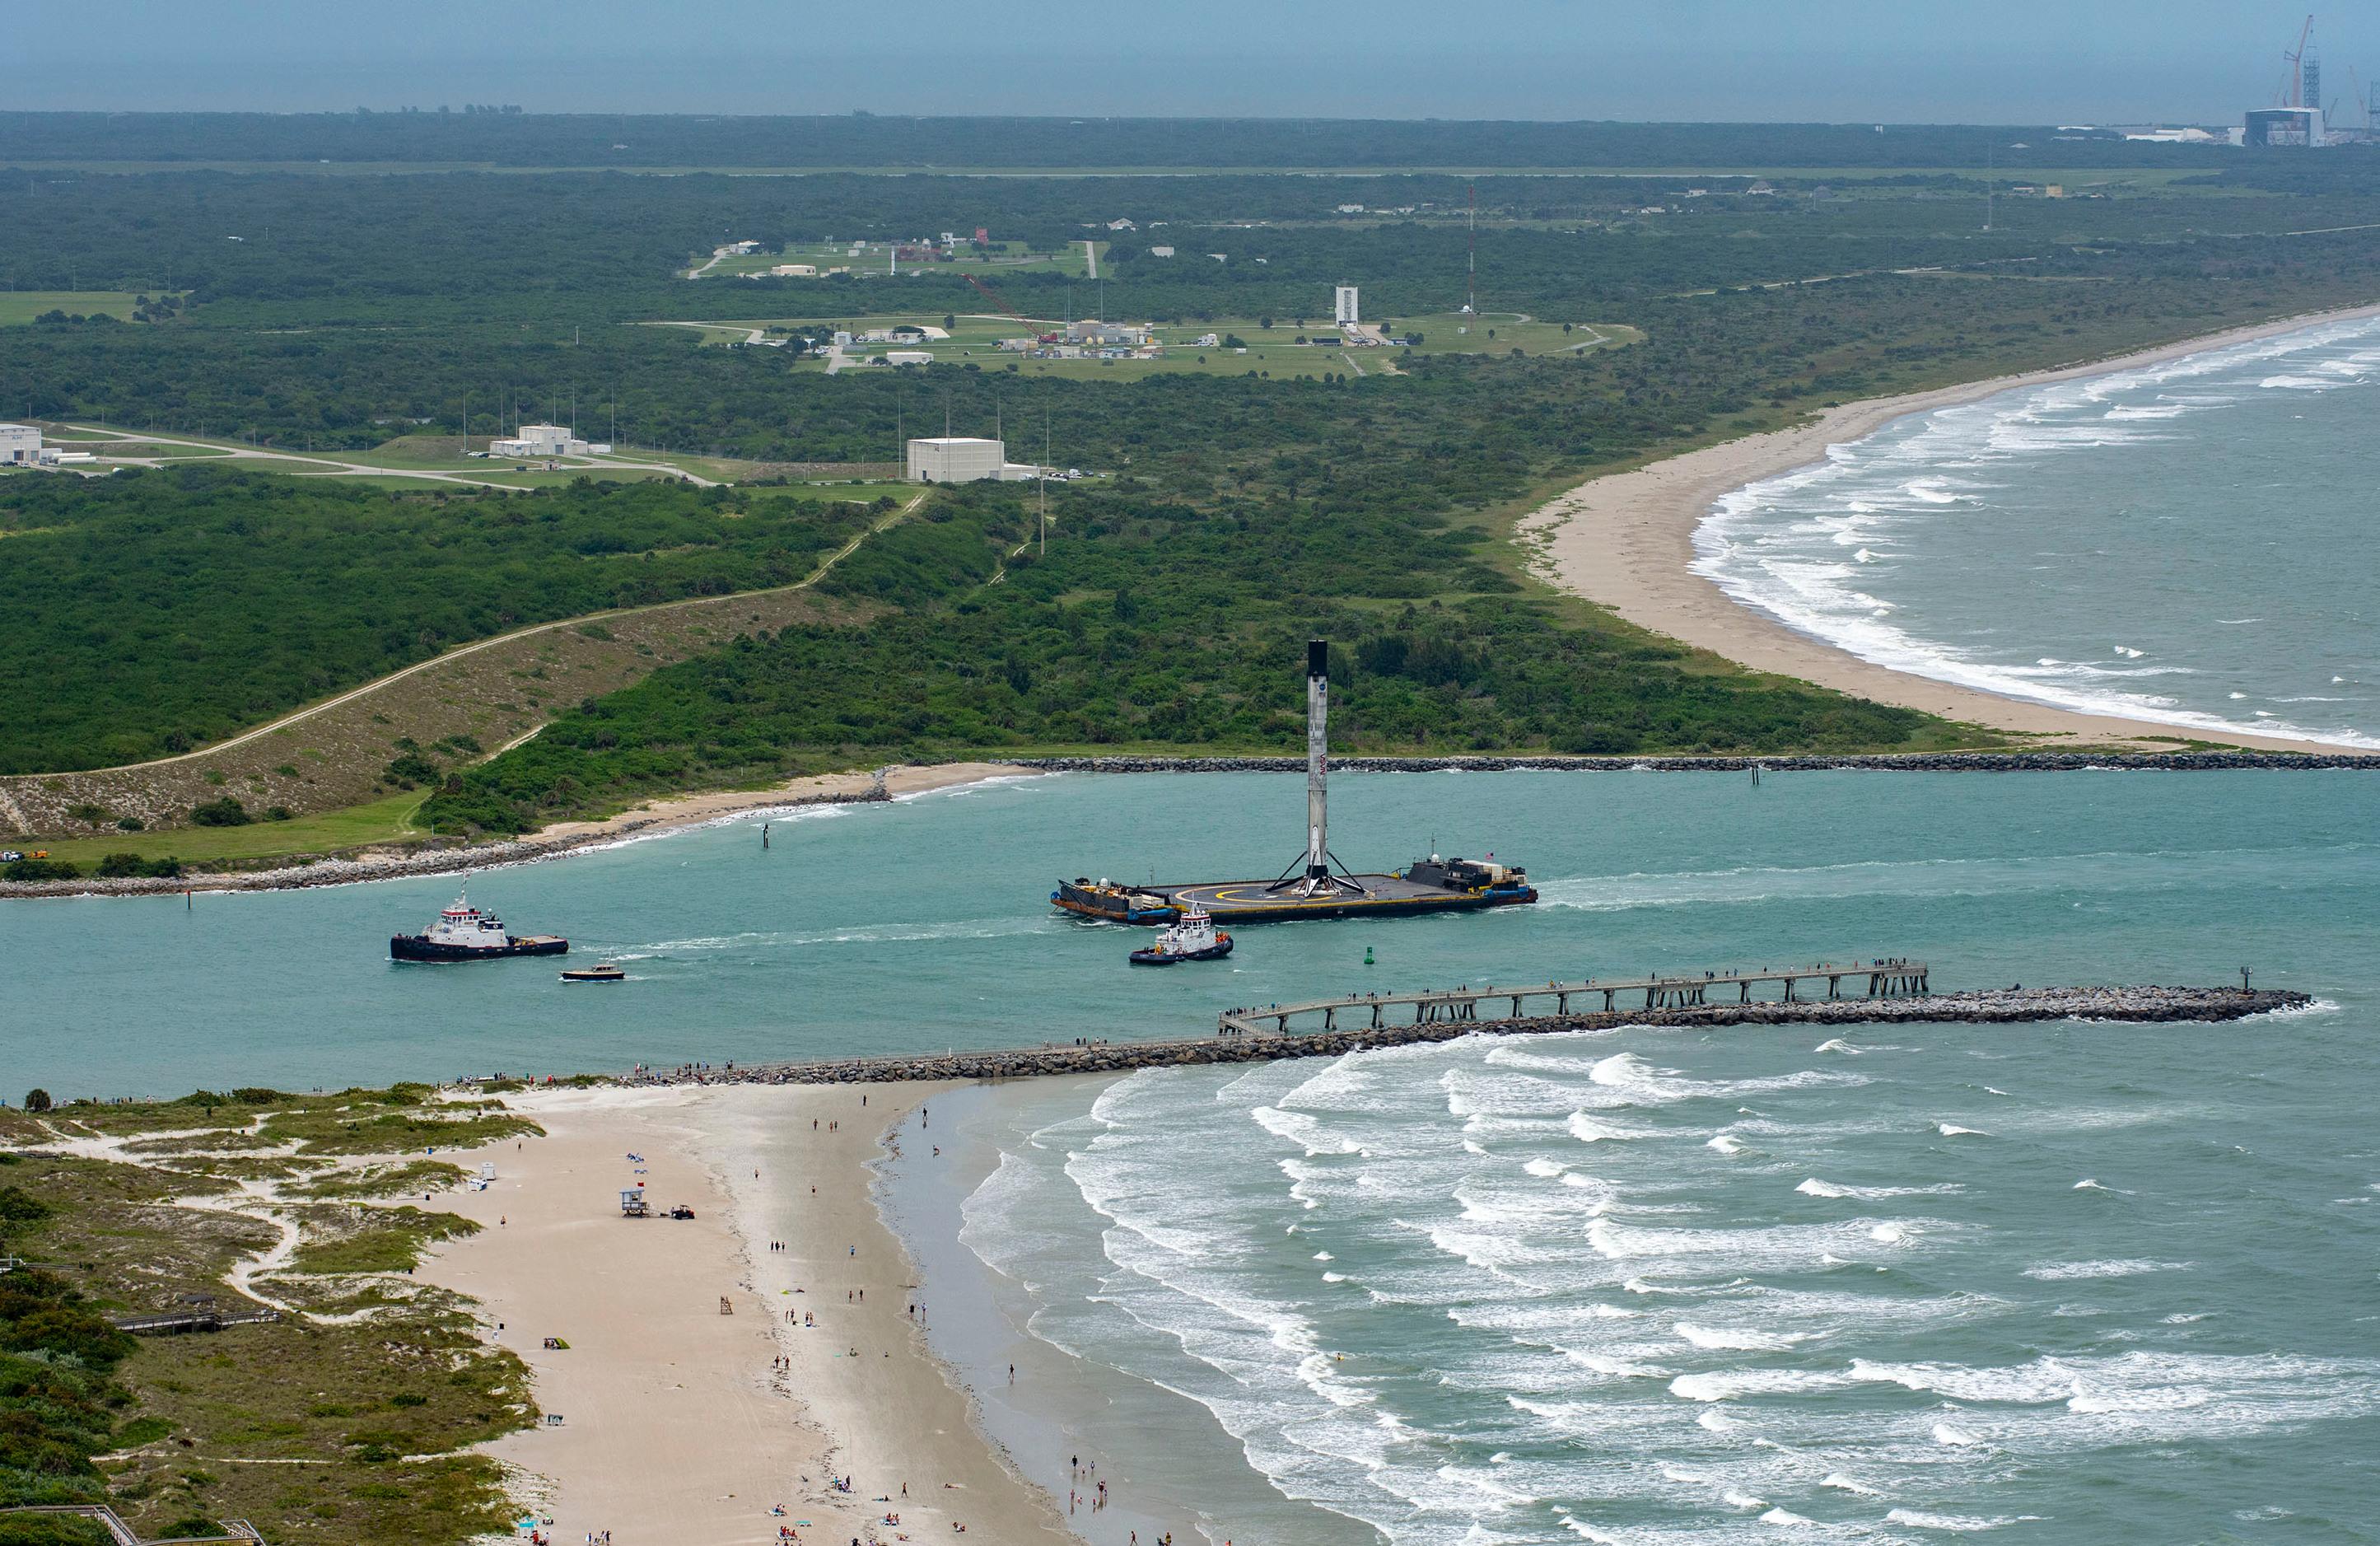 Ступень ракеты Falcon 9 прибыла в порт Канаверал